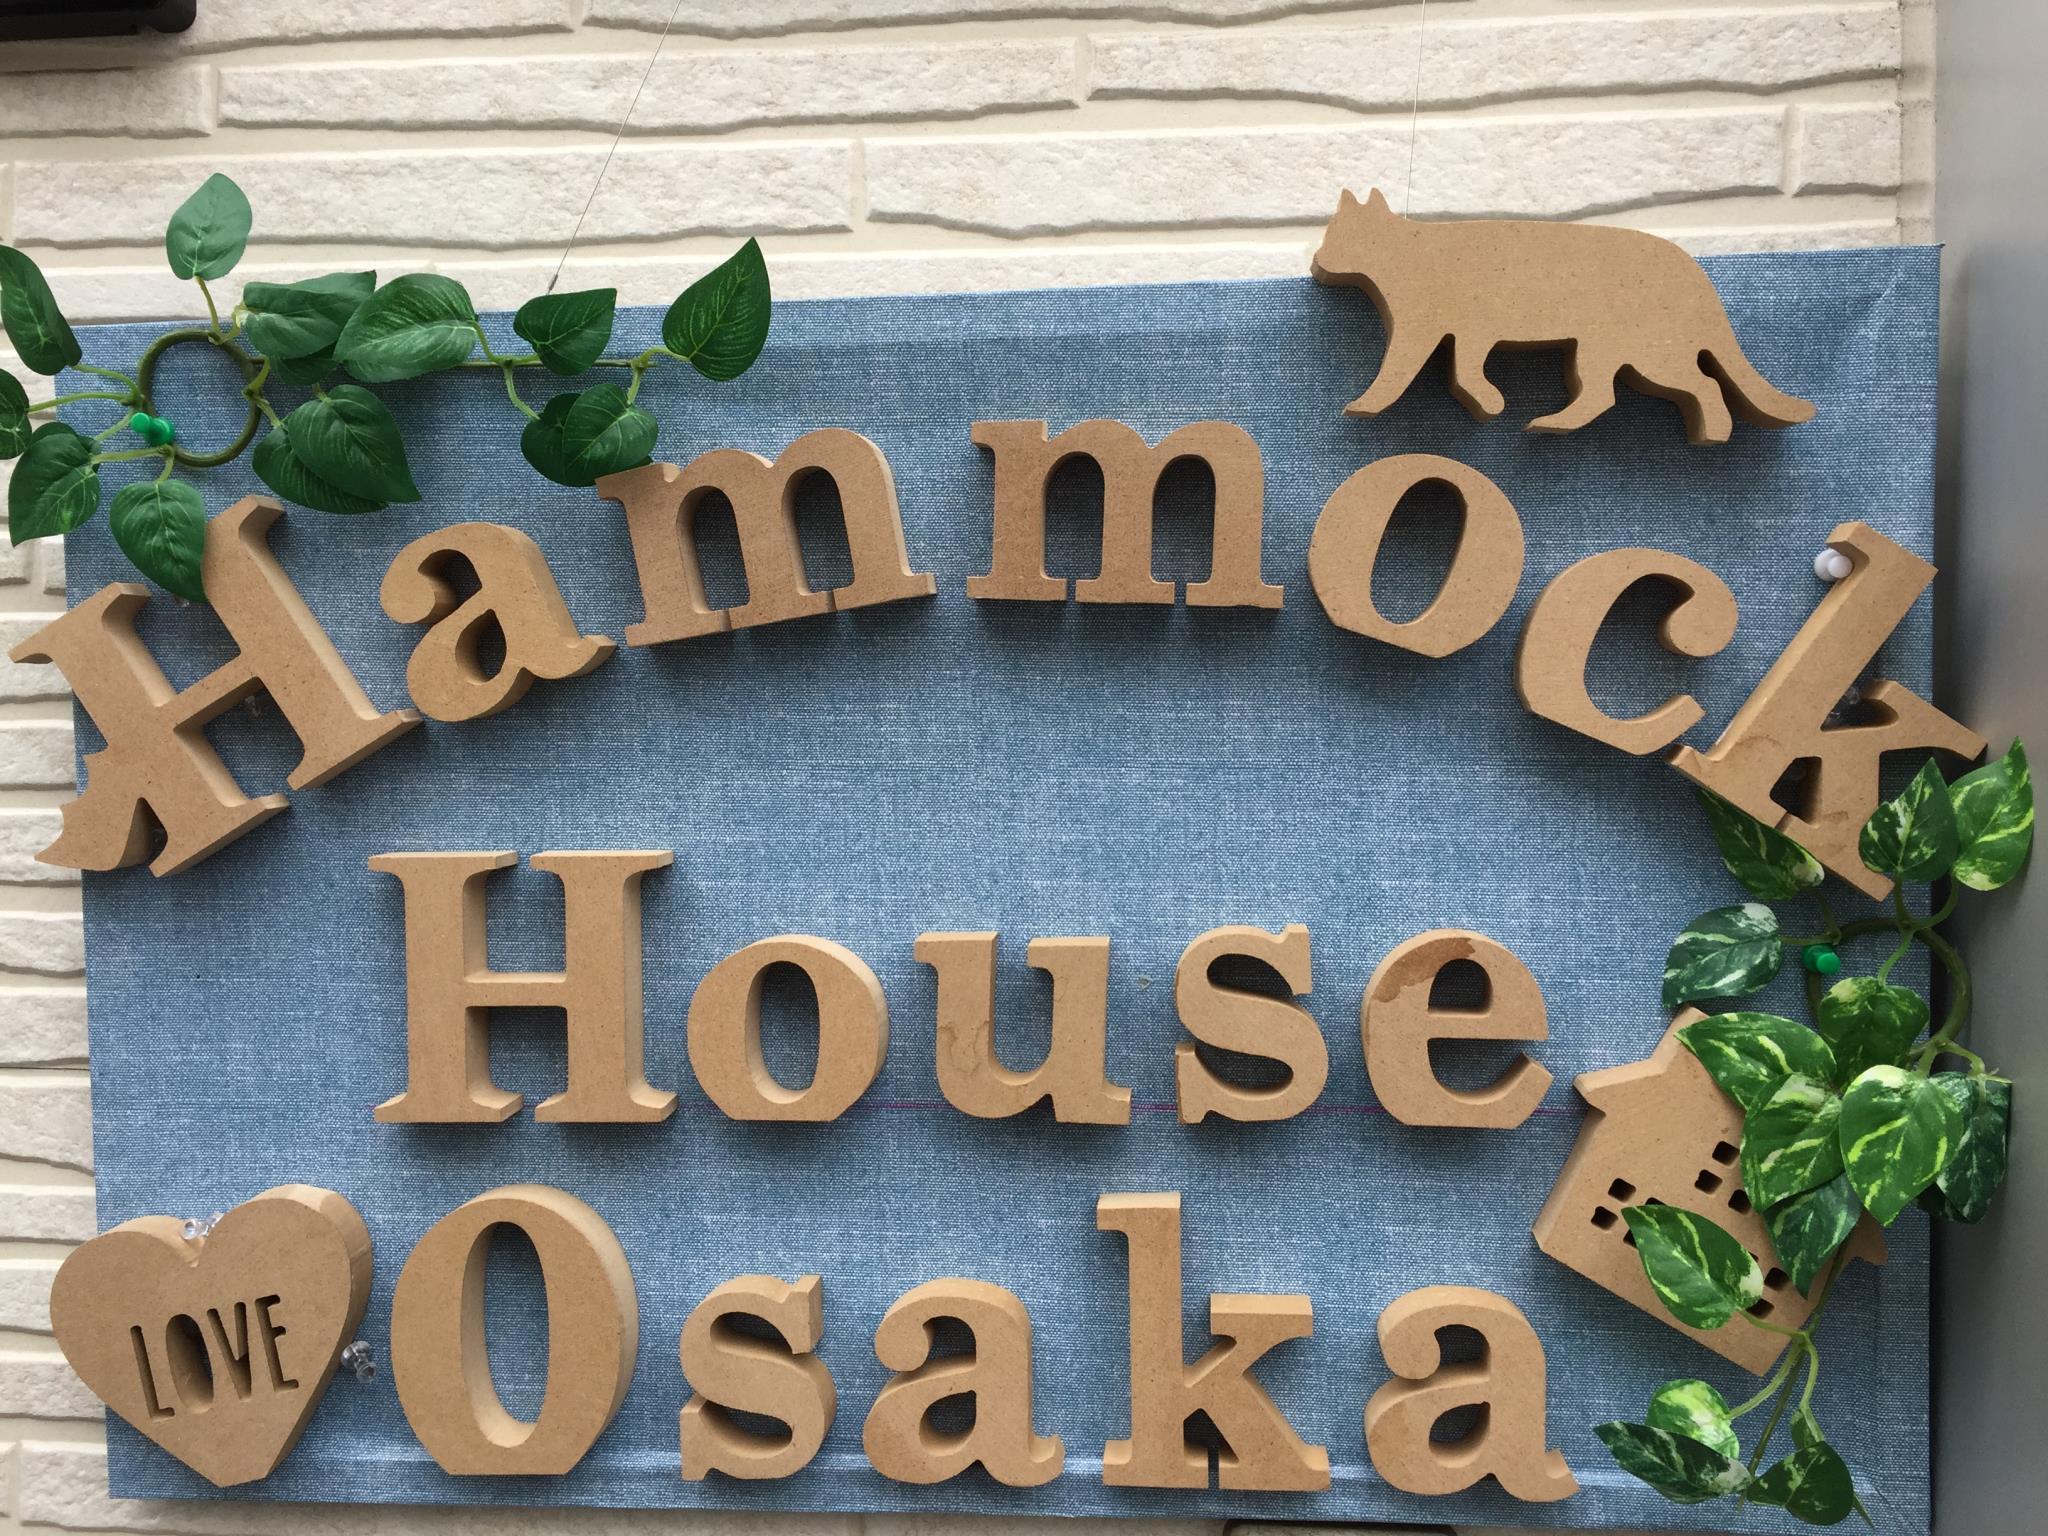 Hammock House Osaka